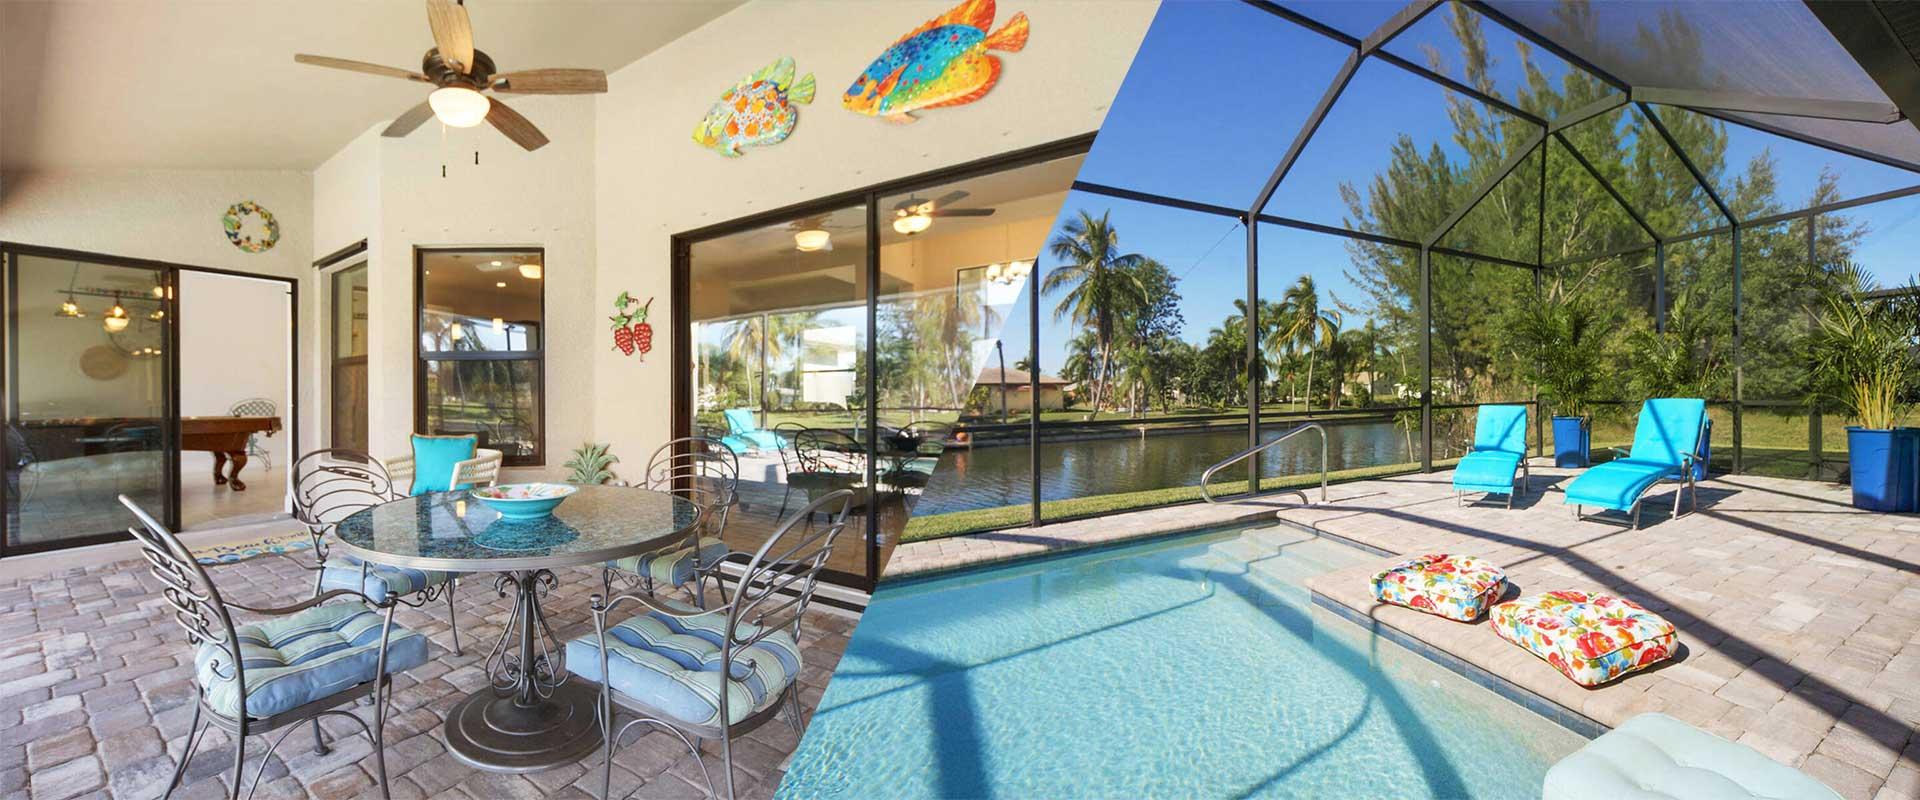 Beispiel für einen Lanai und einen Cage mit Pool